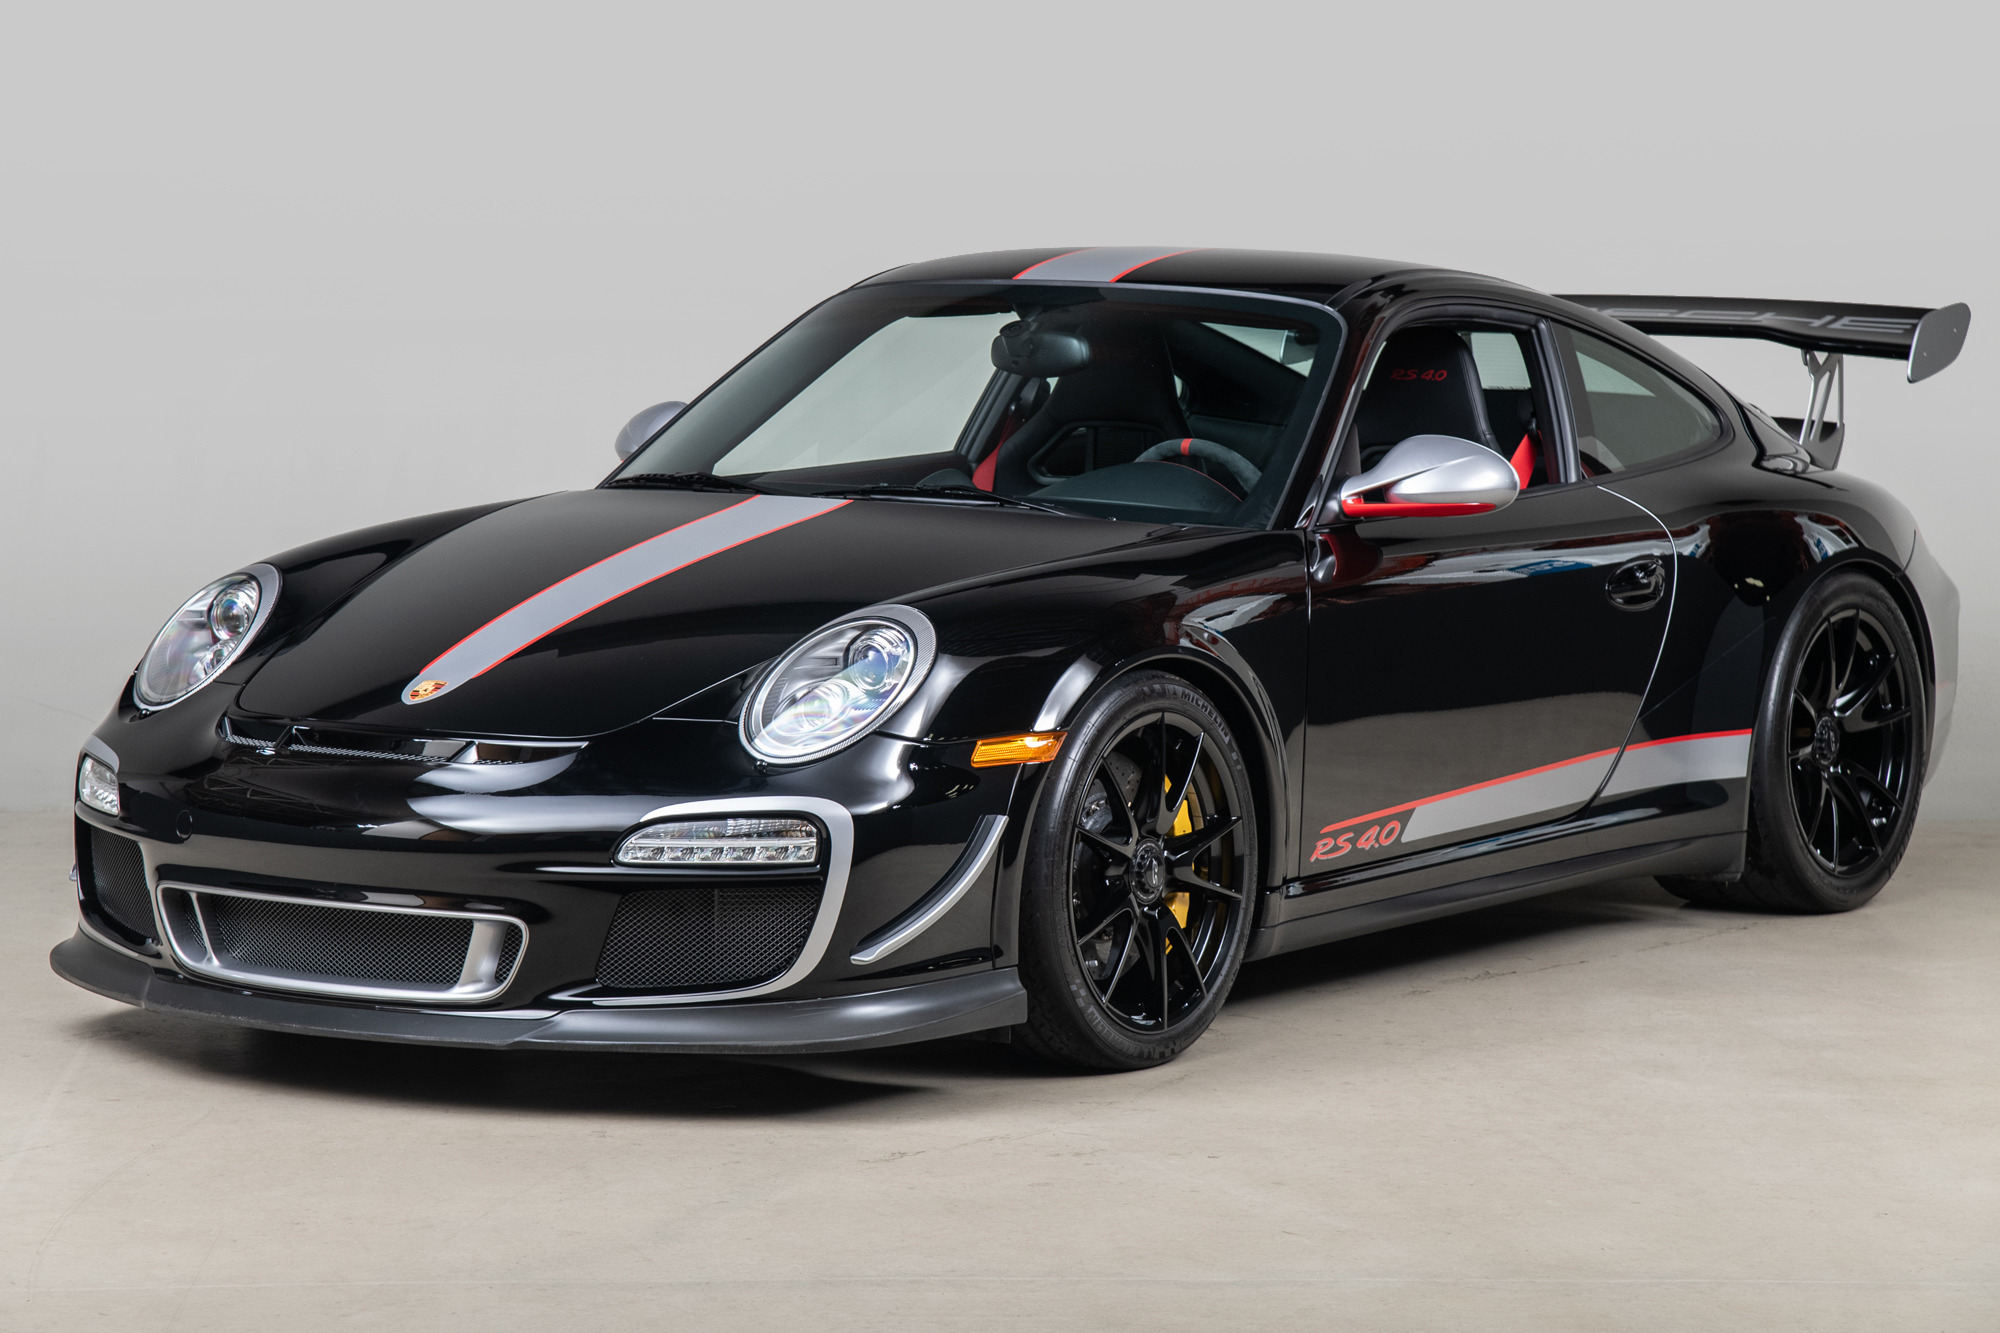 2011 Porsche 911 GT3 RS 4.0 , BLACK, VIN WP0AF2A95BS785652, MILEAGE 3931